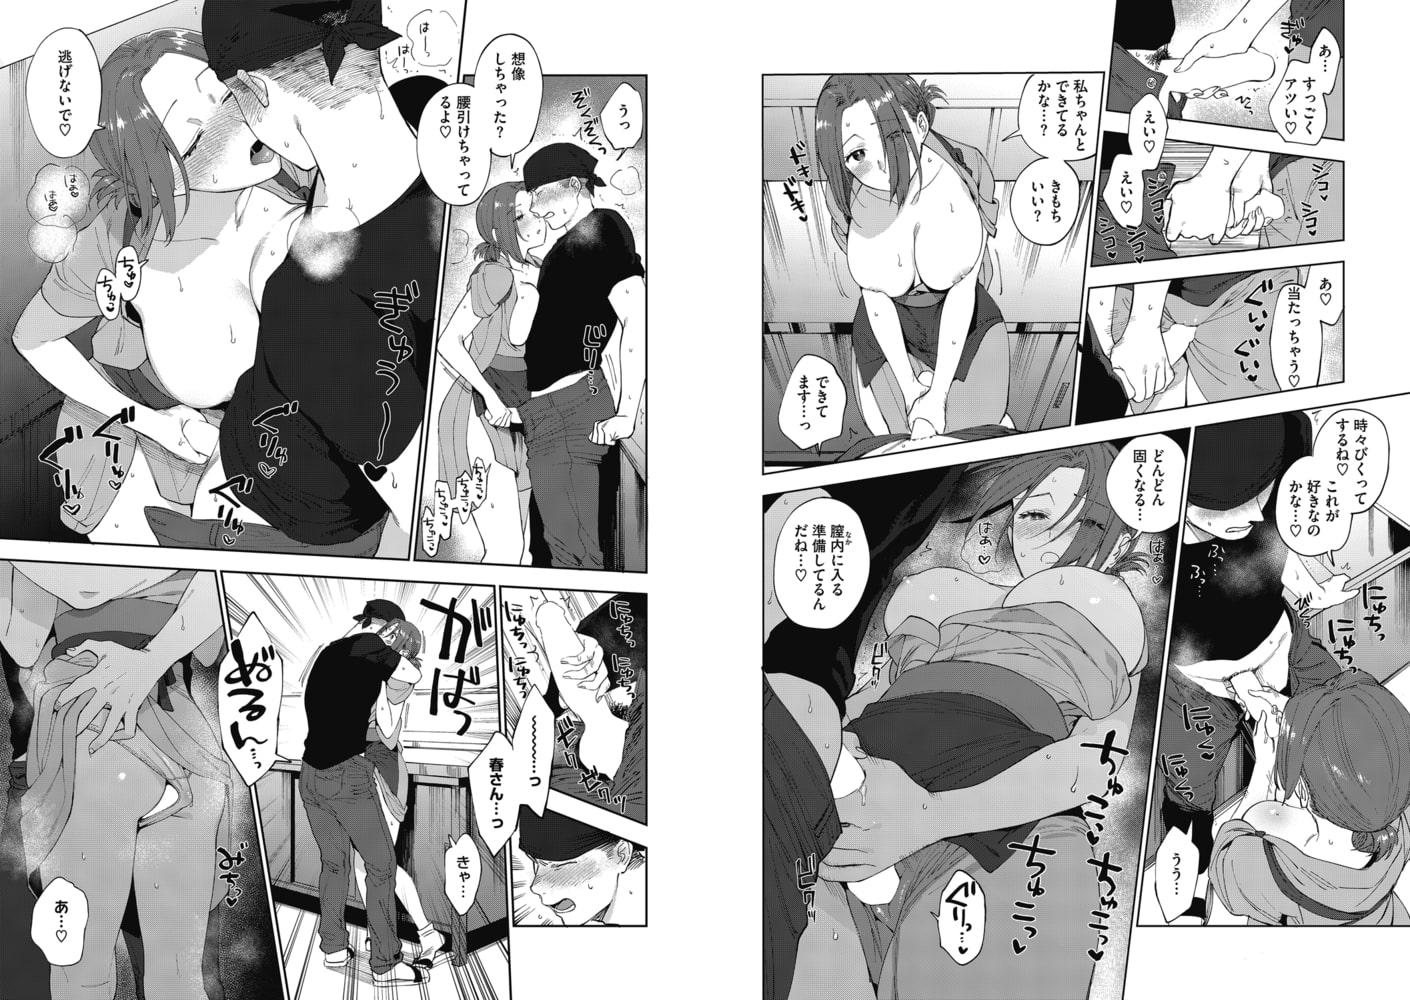 コアコレ 【お姉ちゃんに甘えたい】